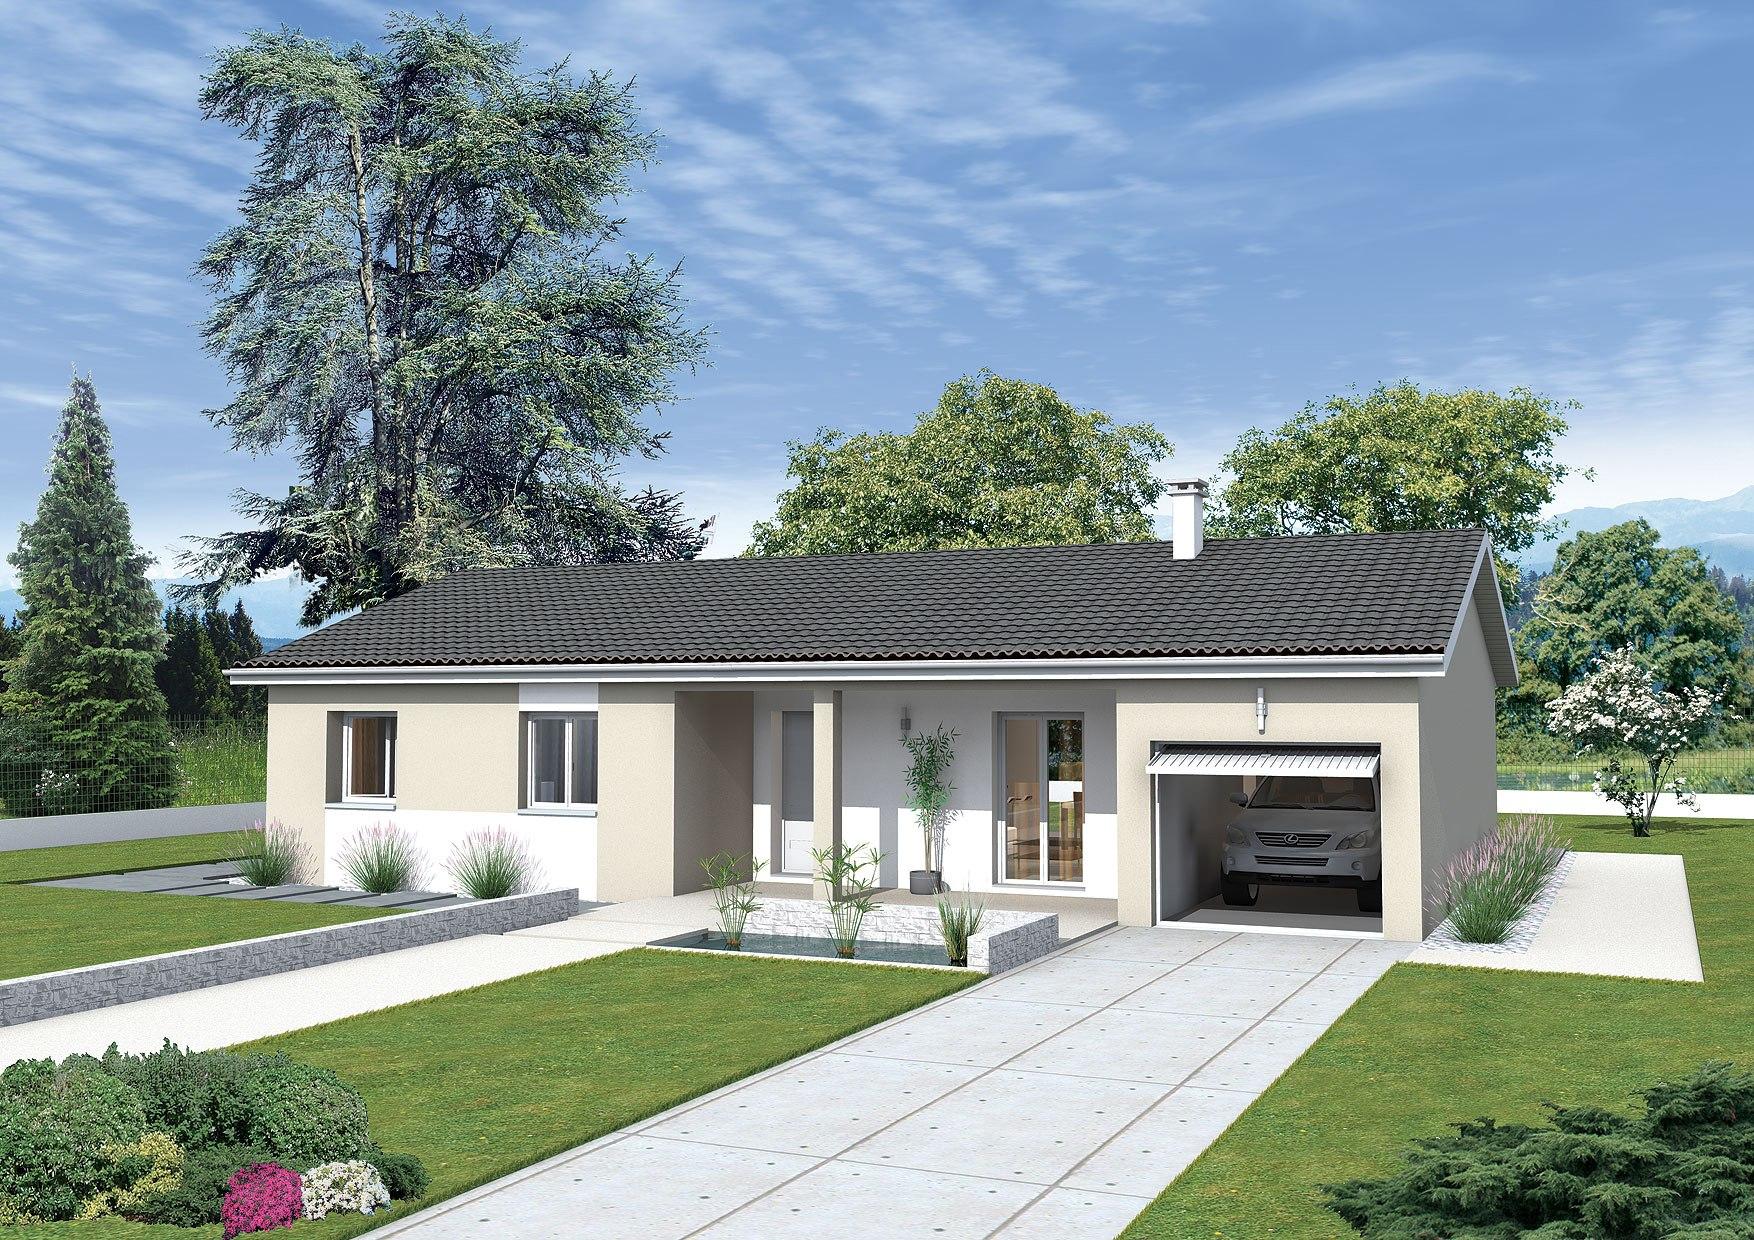 Maisons + Terrains du constructeur MAISONS PUNCH BOURGOIN • 85 m² • VEZERONCE CURTIN